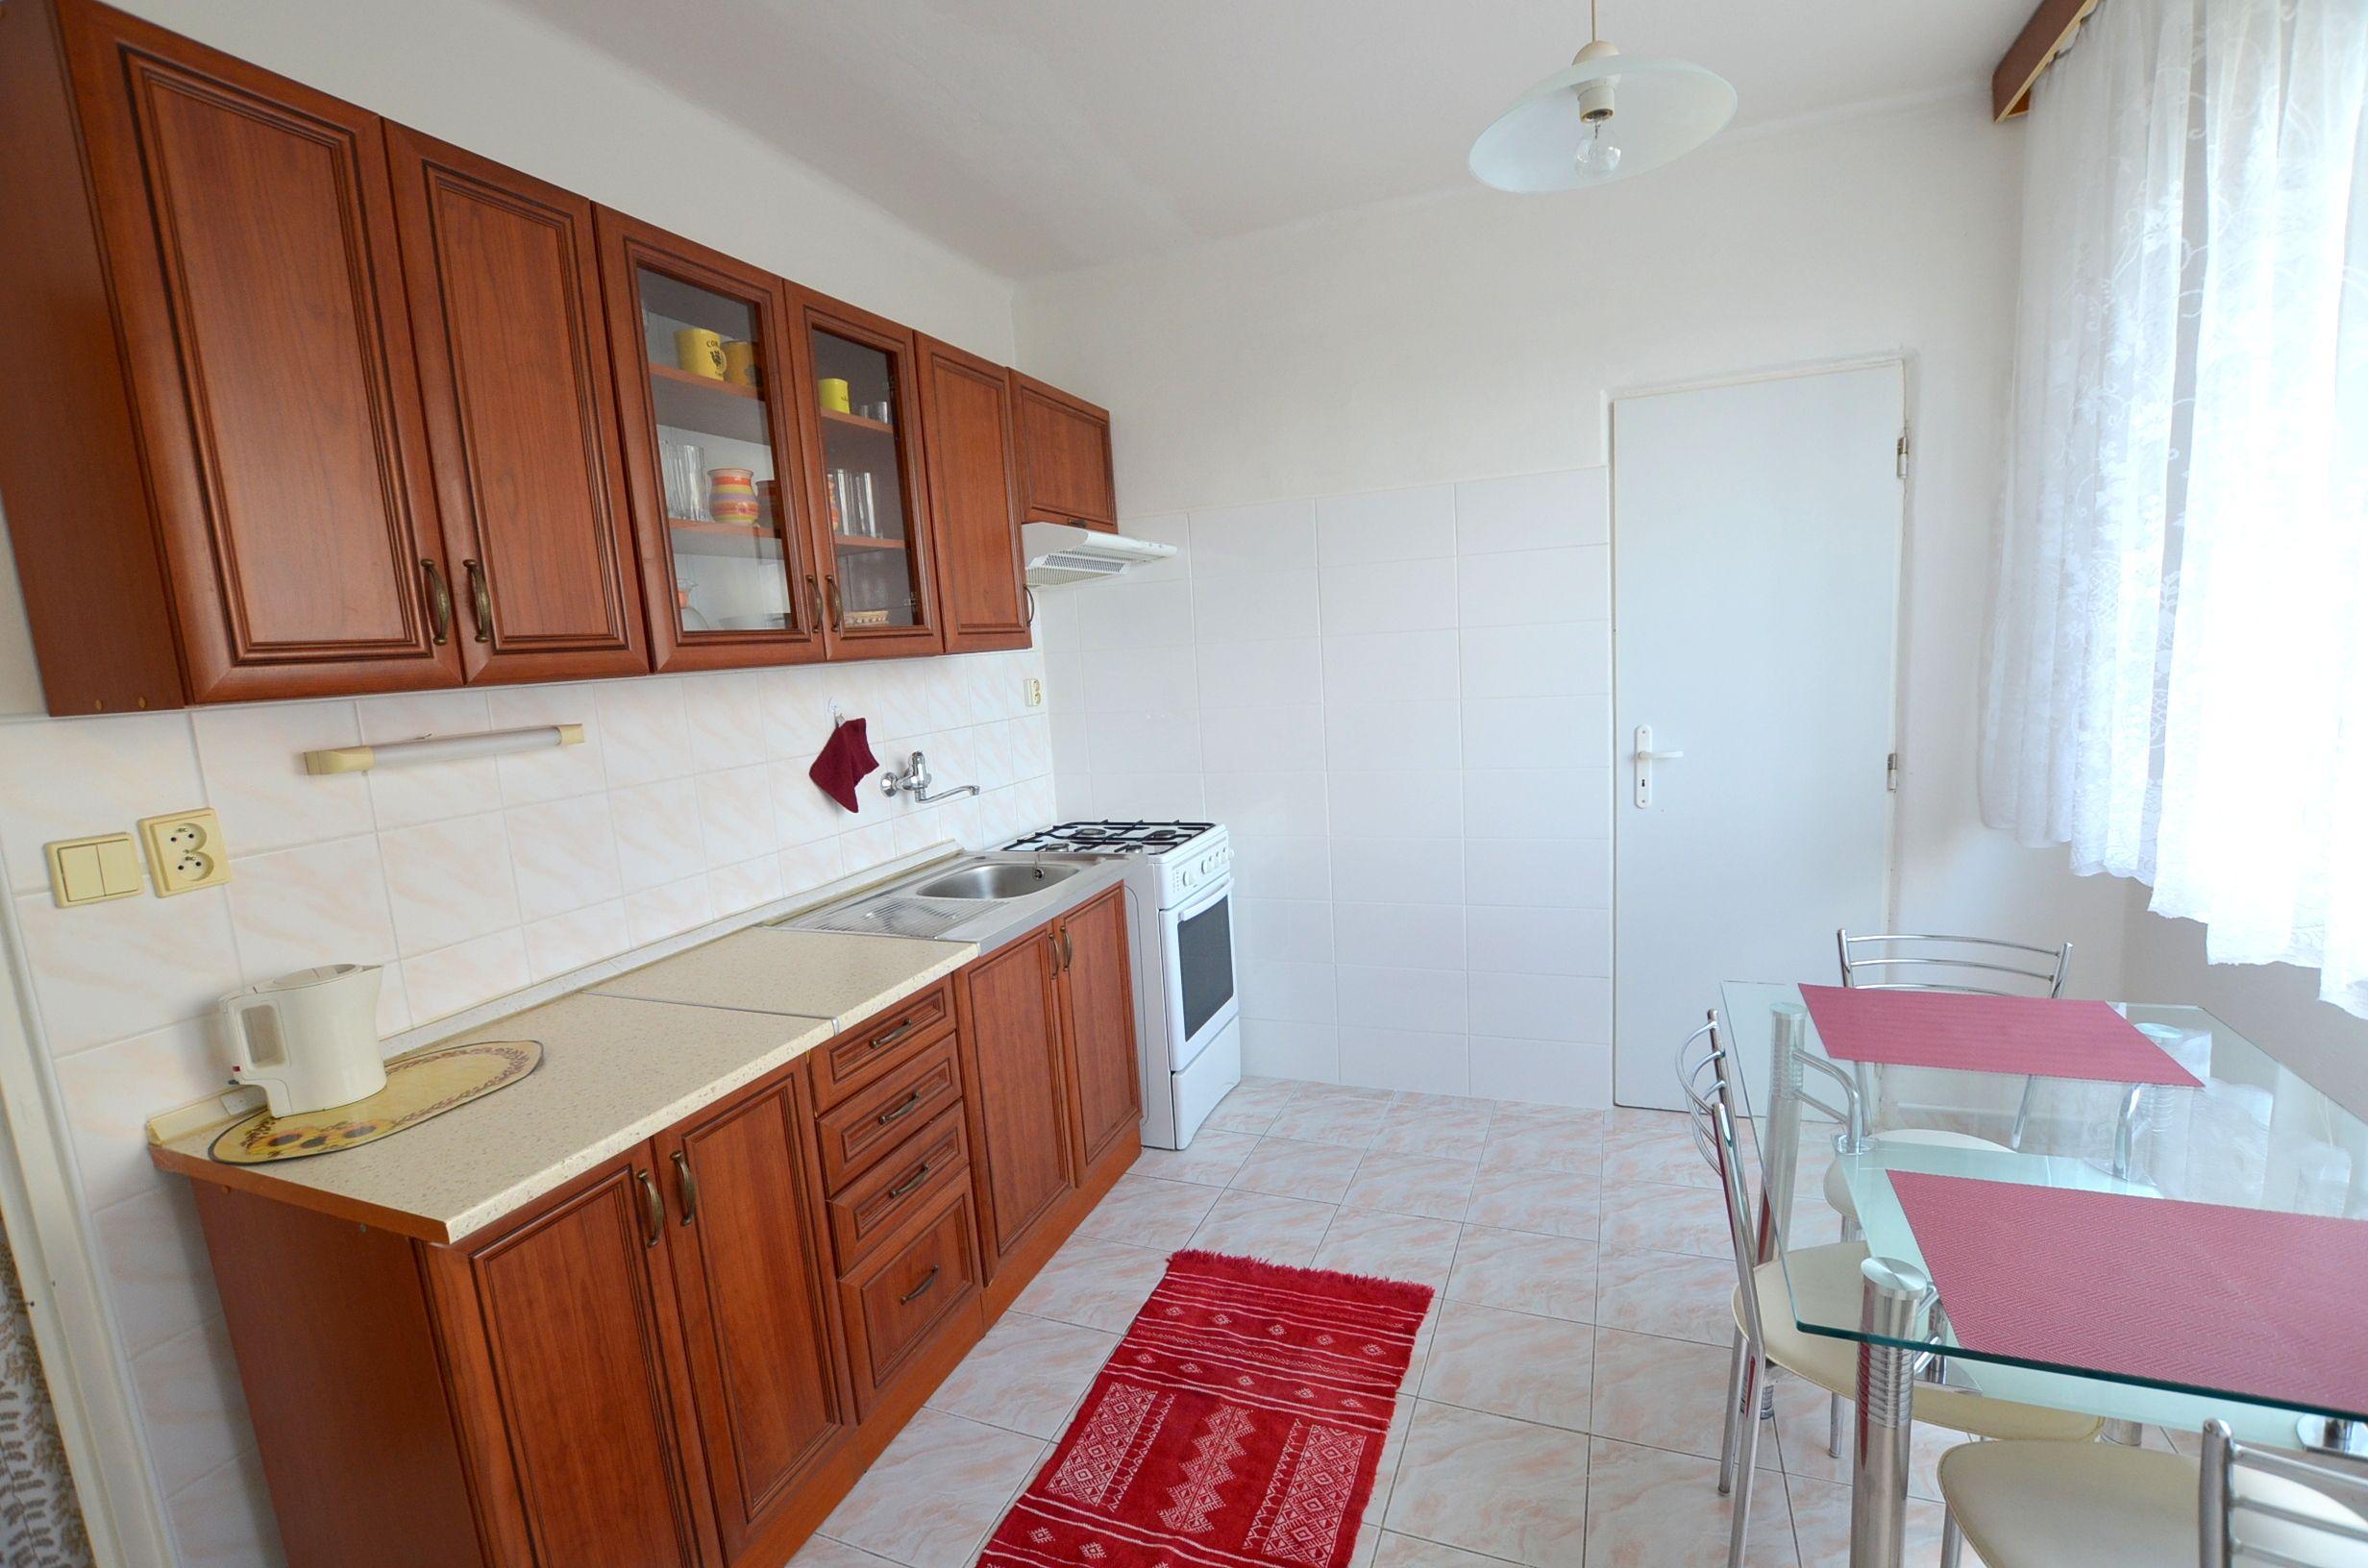 7997ac2a33 Na prenájom veľký 2 izbový byt v centre mesta